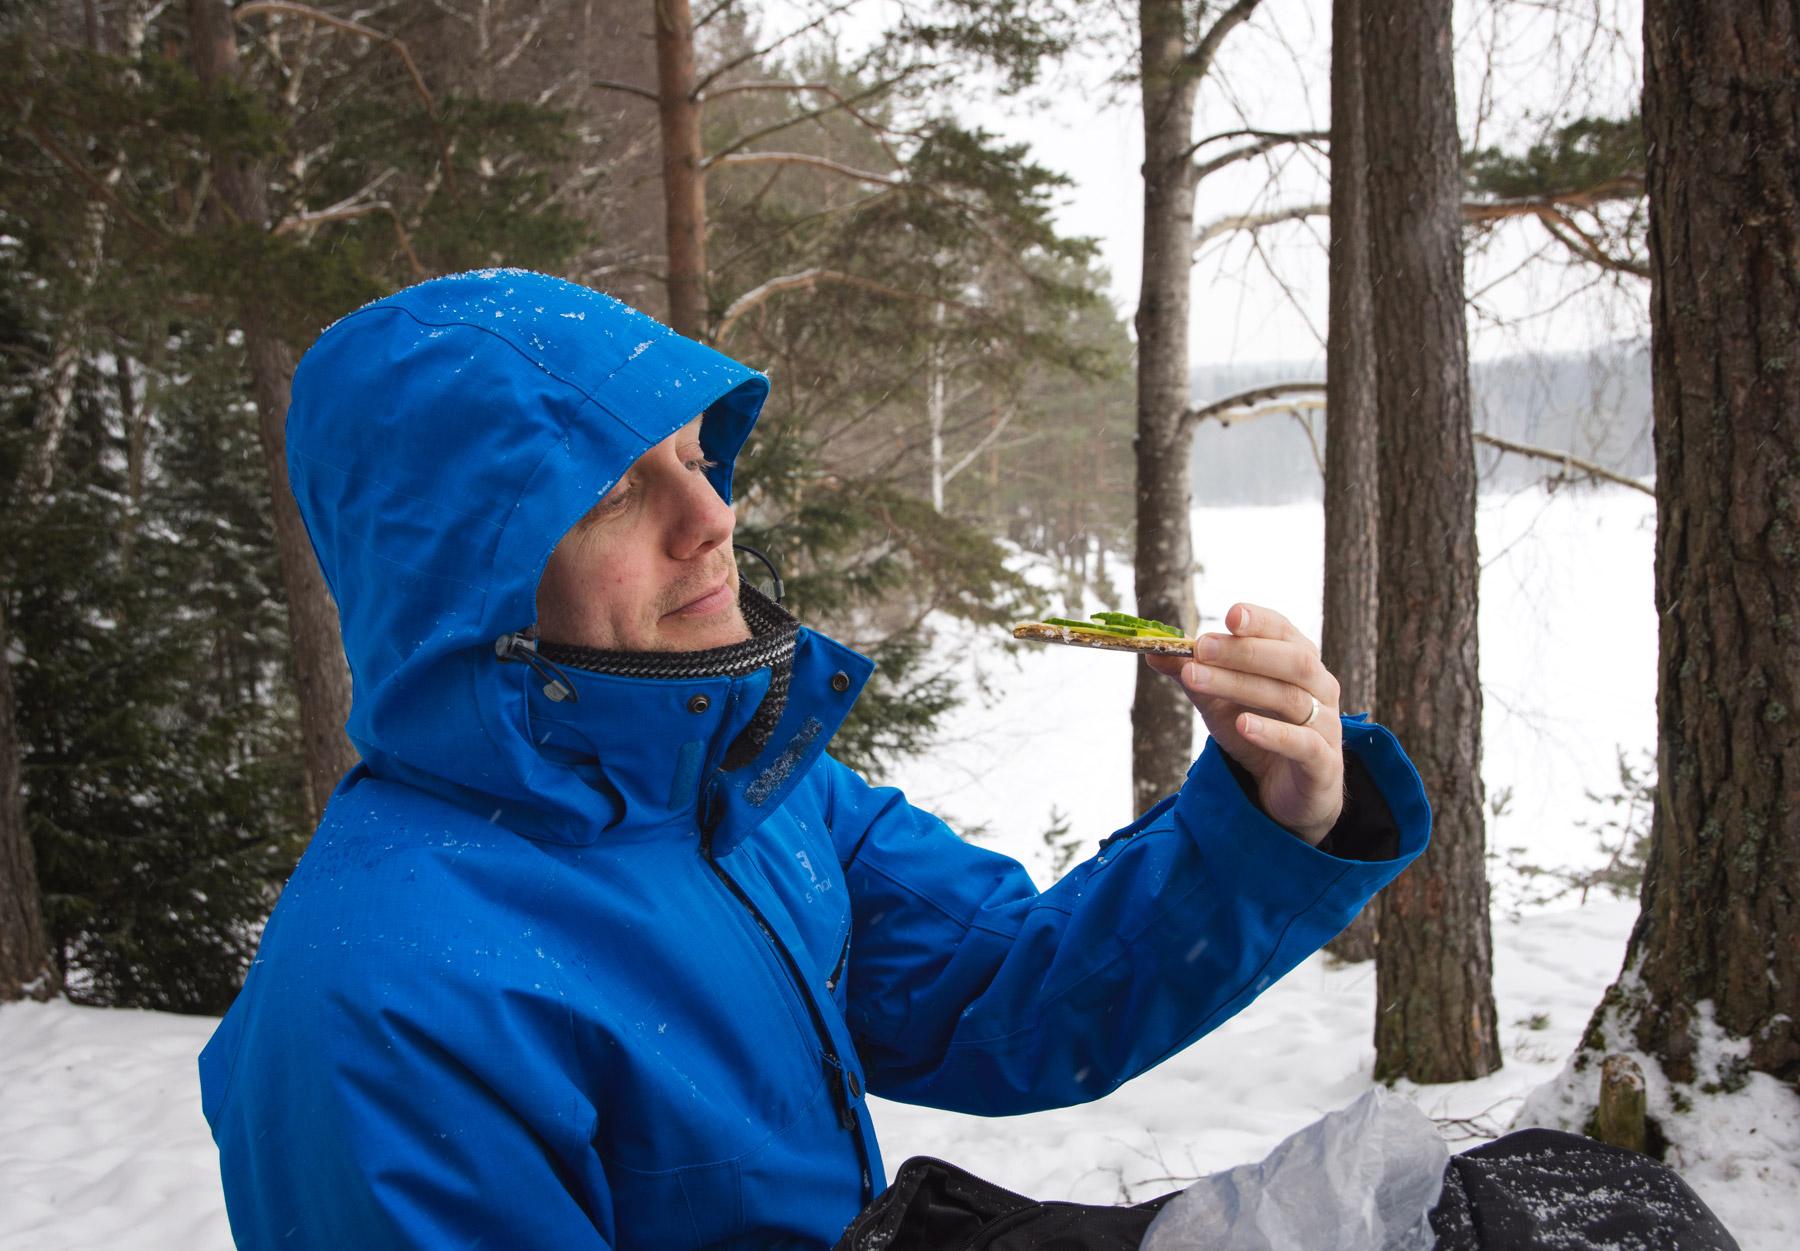 Man eating Knekkebrød